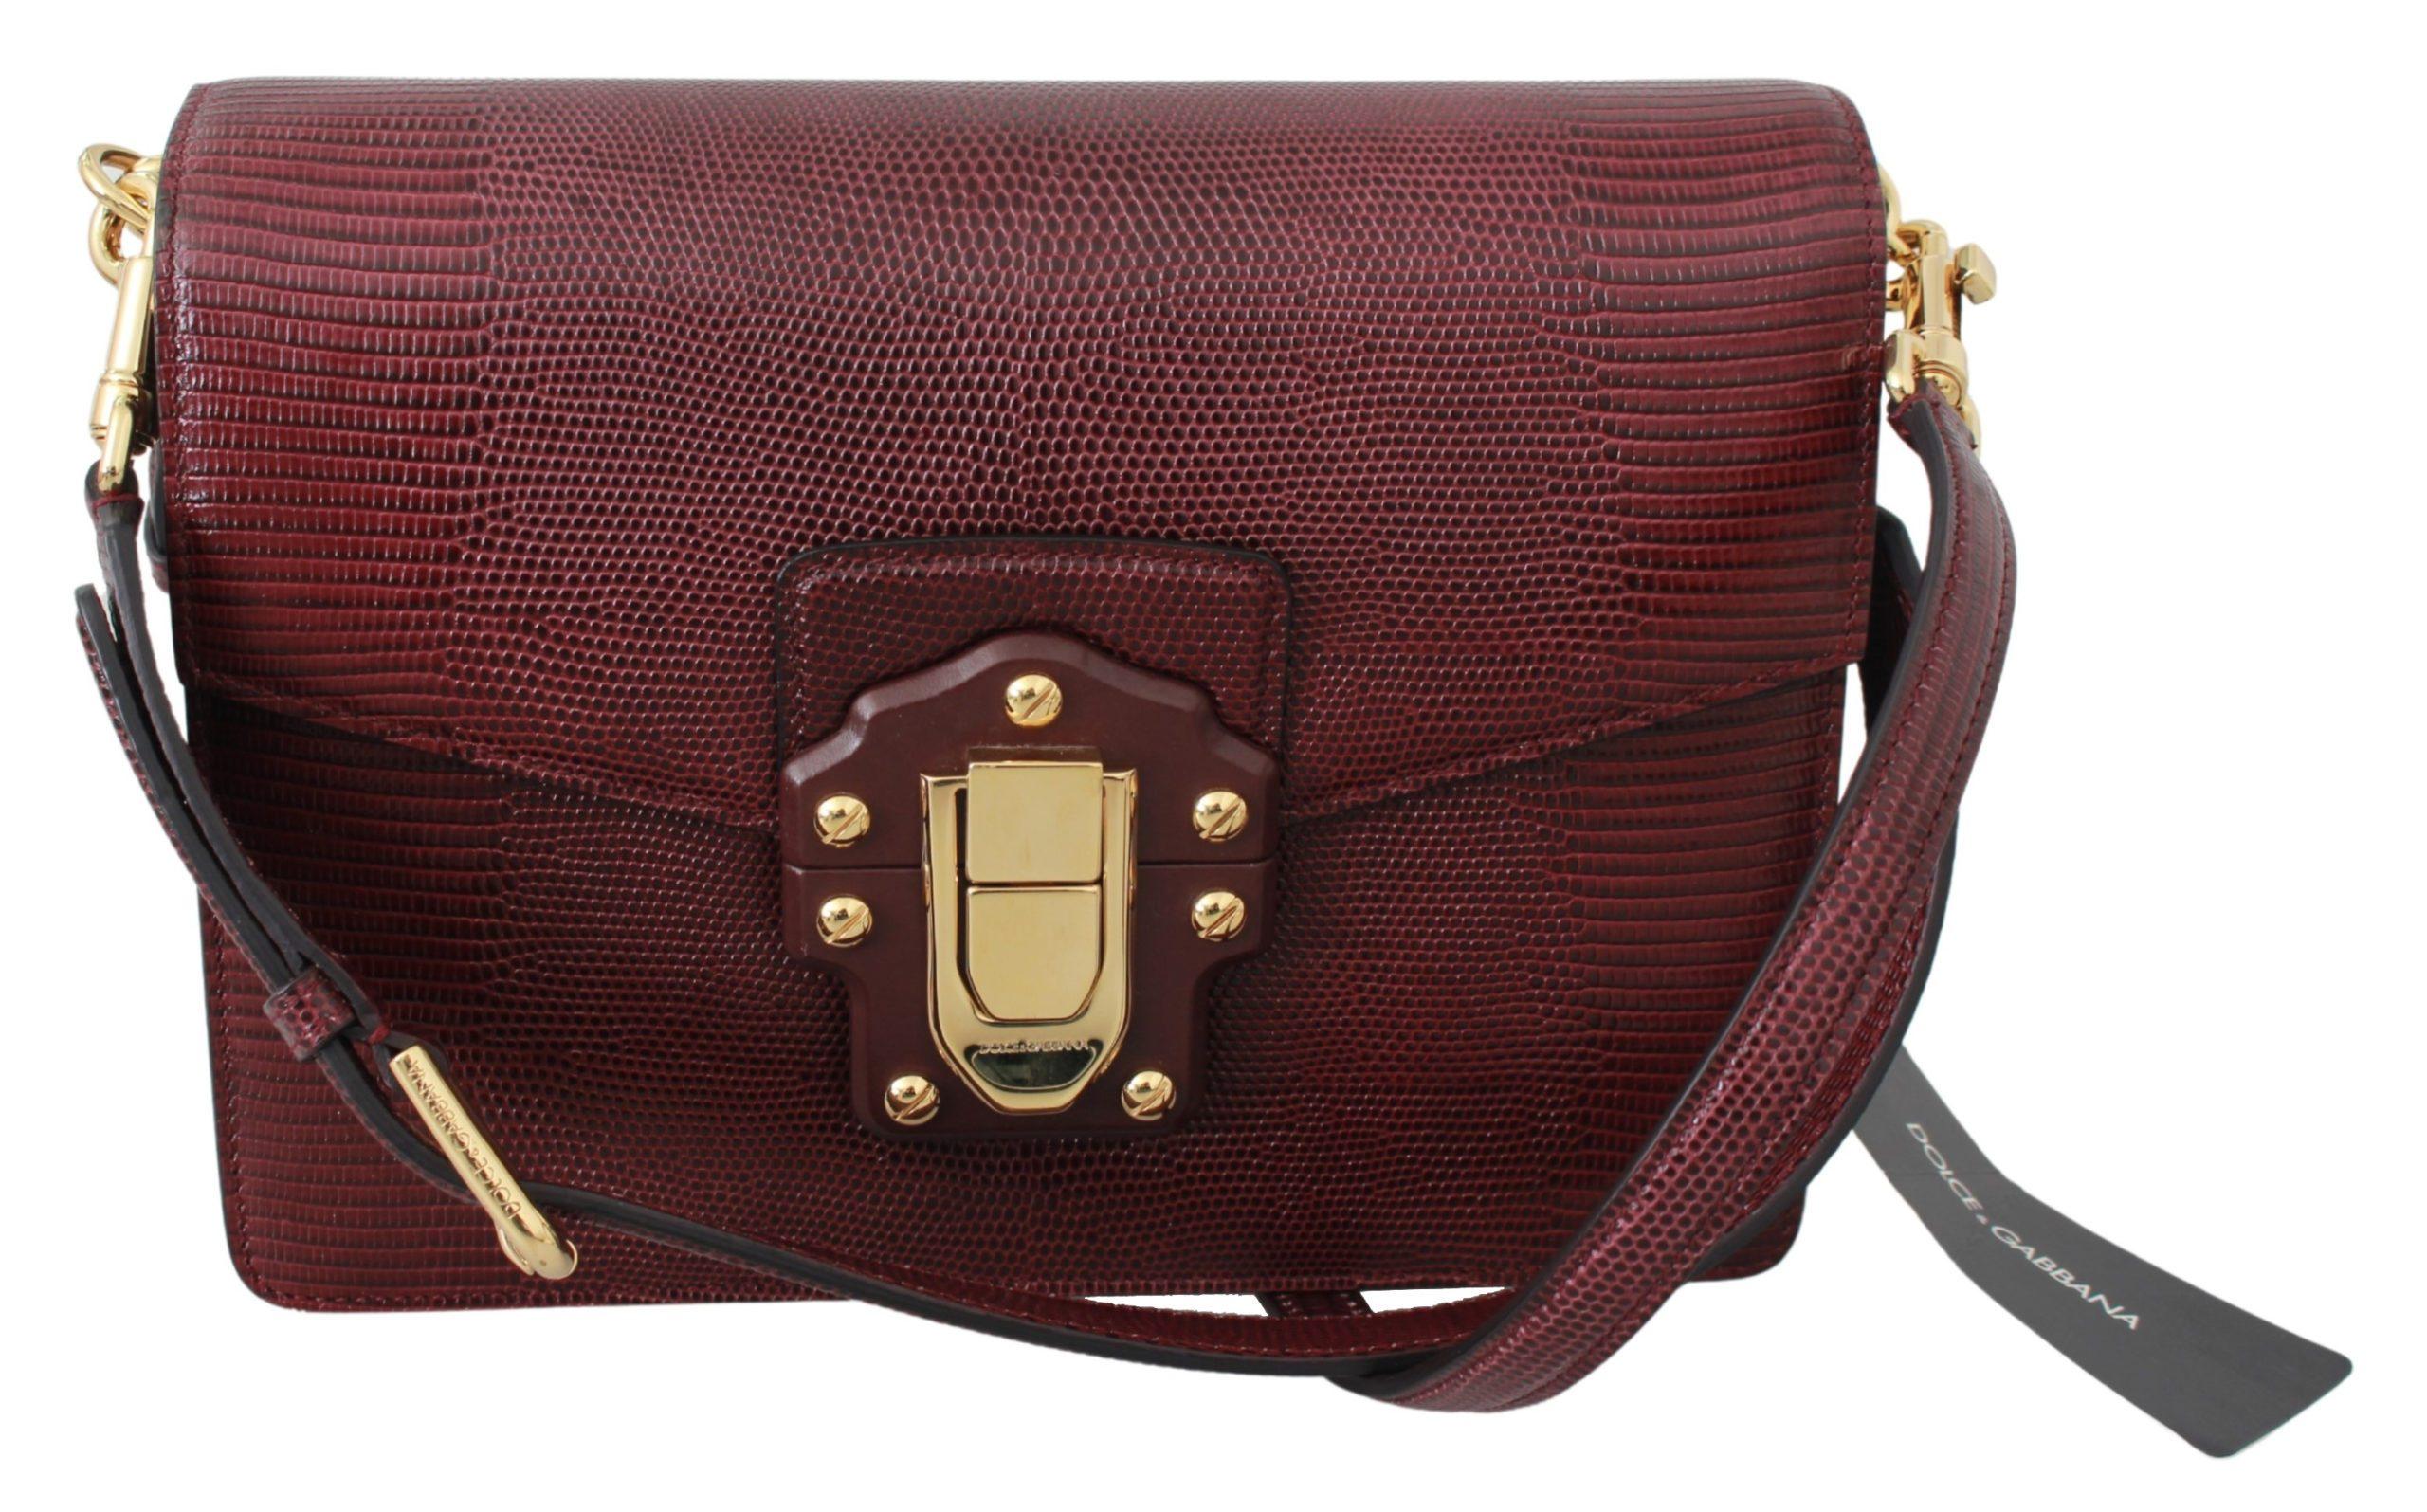 Dolce & Gabbana Women's Leather LUCIA Shoulder Bag Bordeaux VAS9404